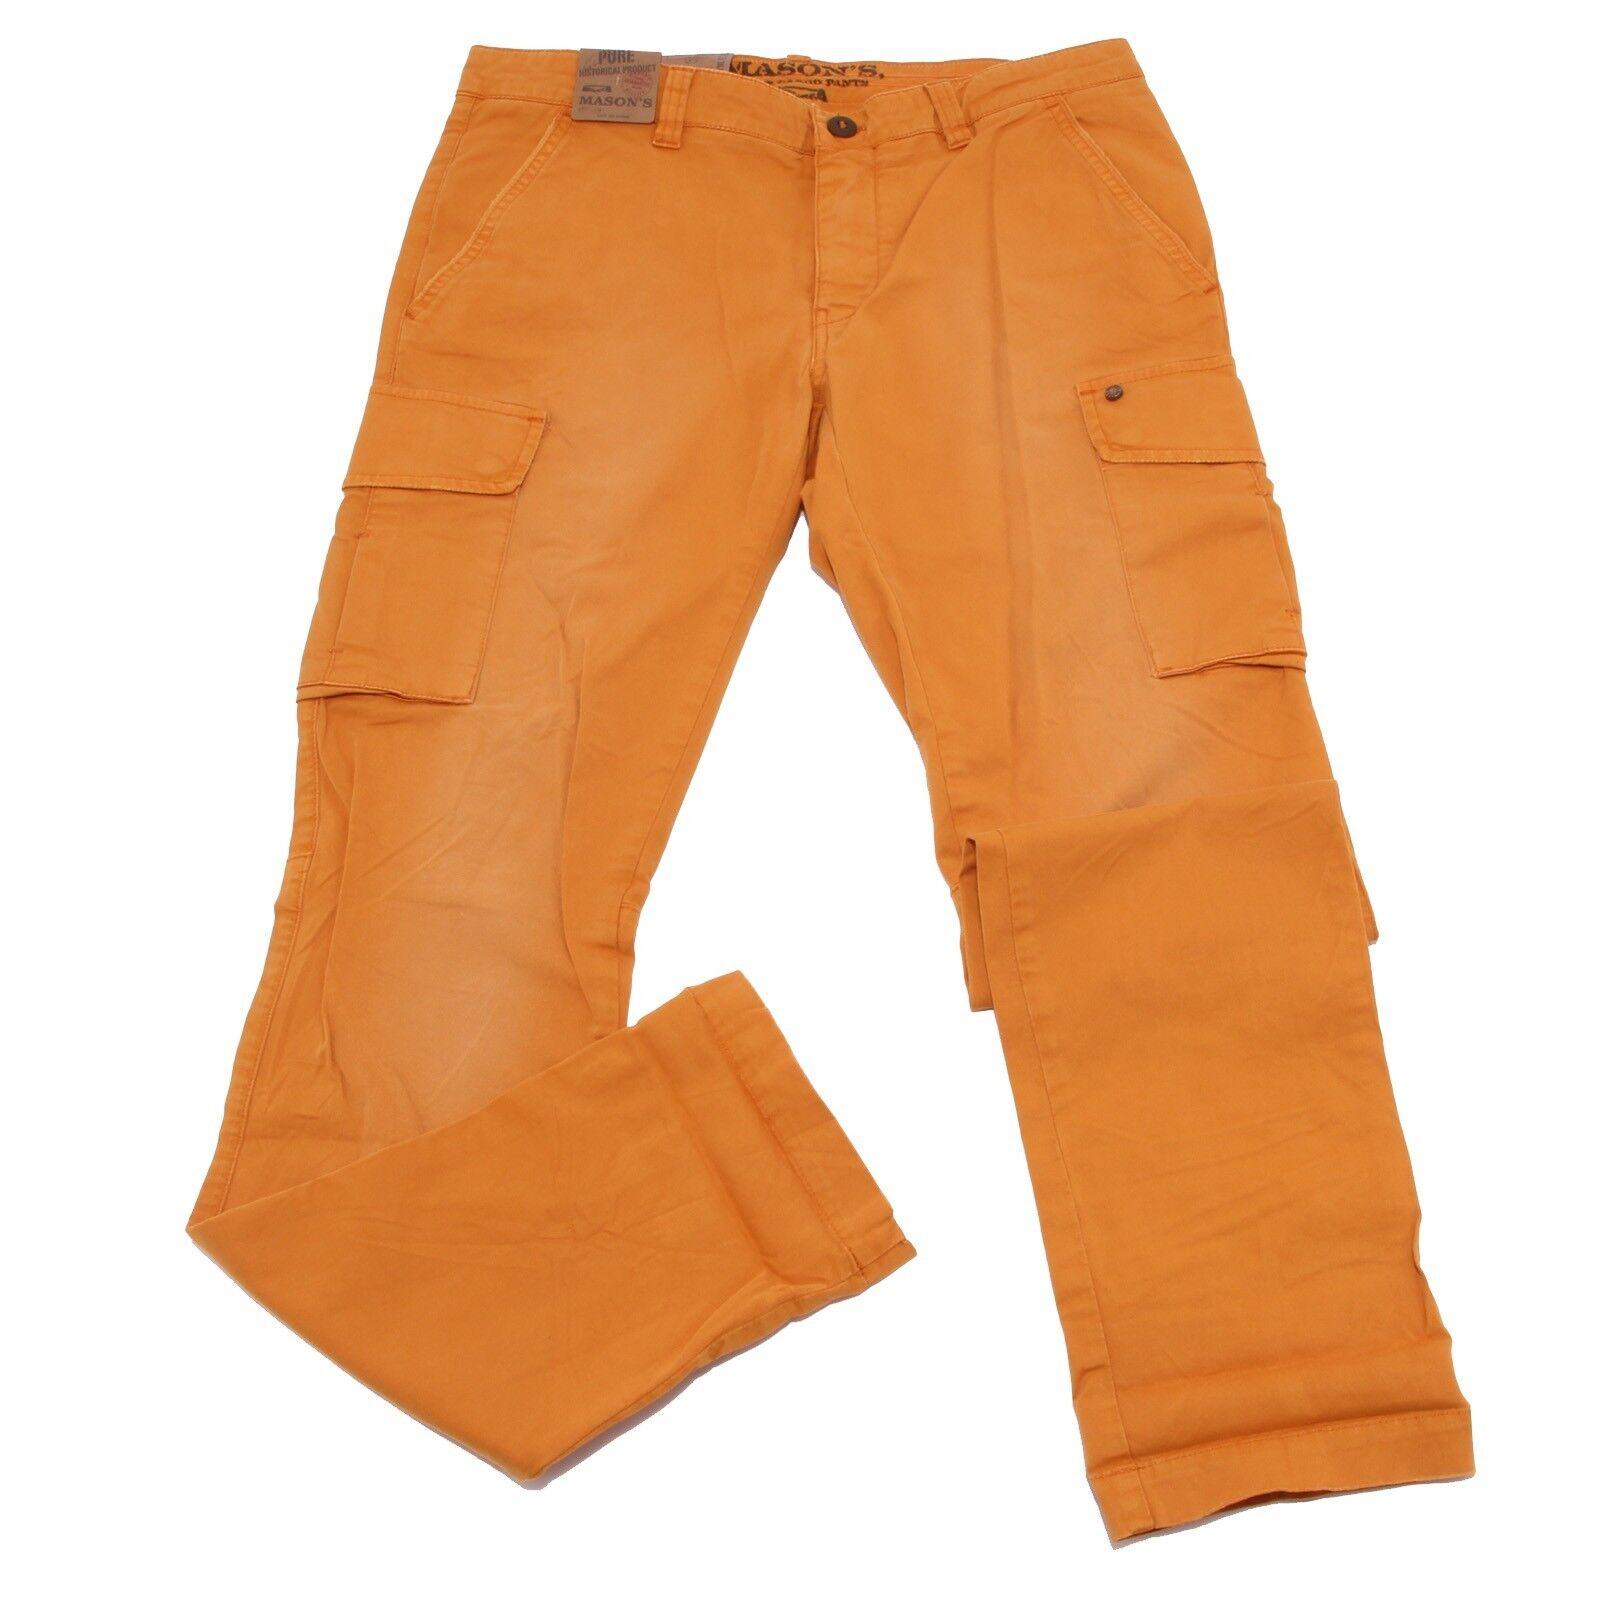 1806W 1806W 1806W pantalone uomo MASON'S arancia cotton trouser pant man c42fba